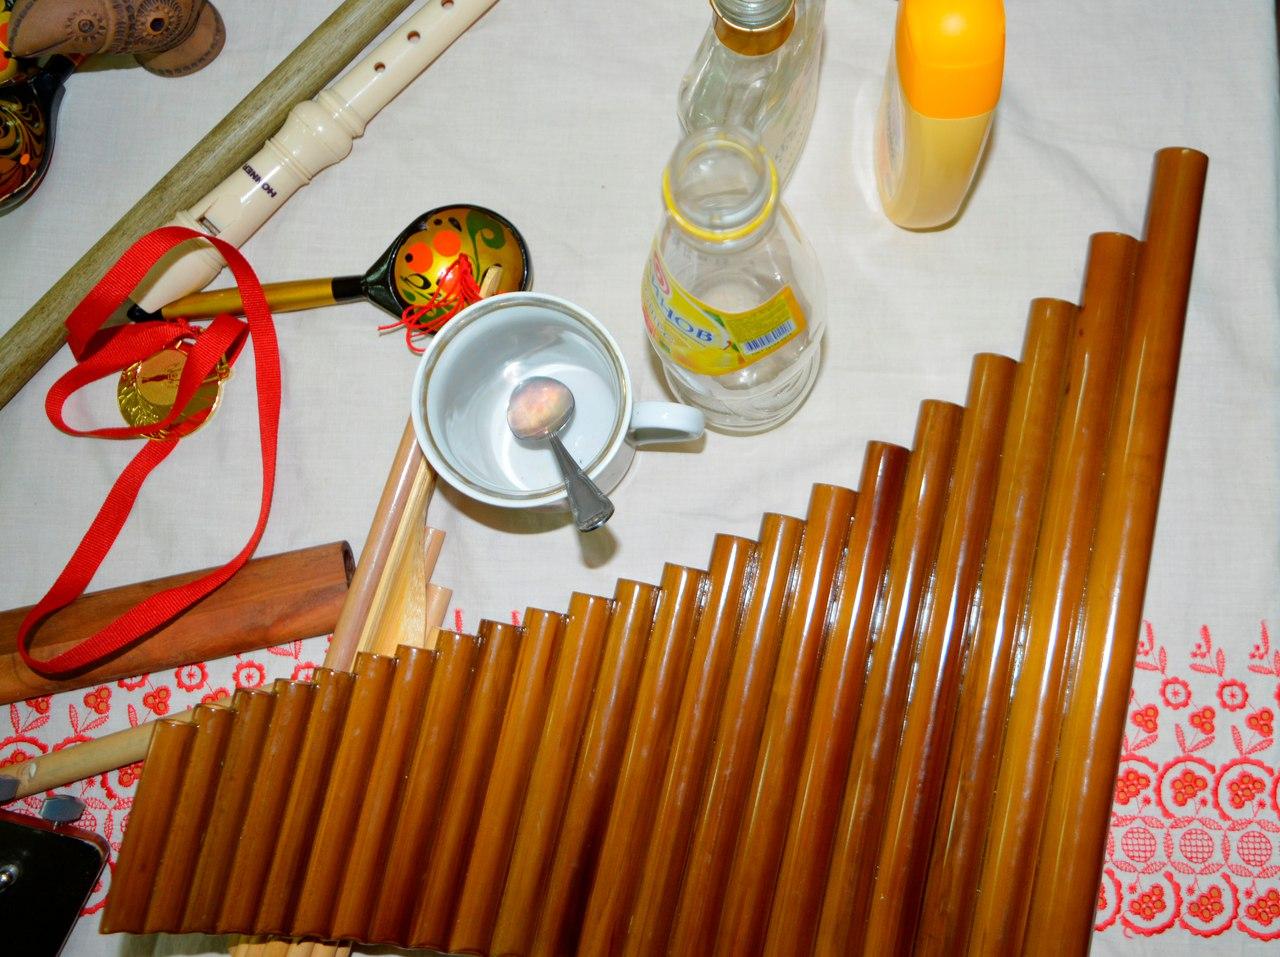 семинар-практикум - музыкальные инструменты